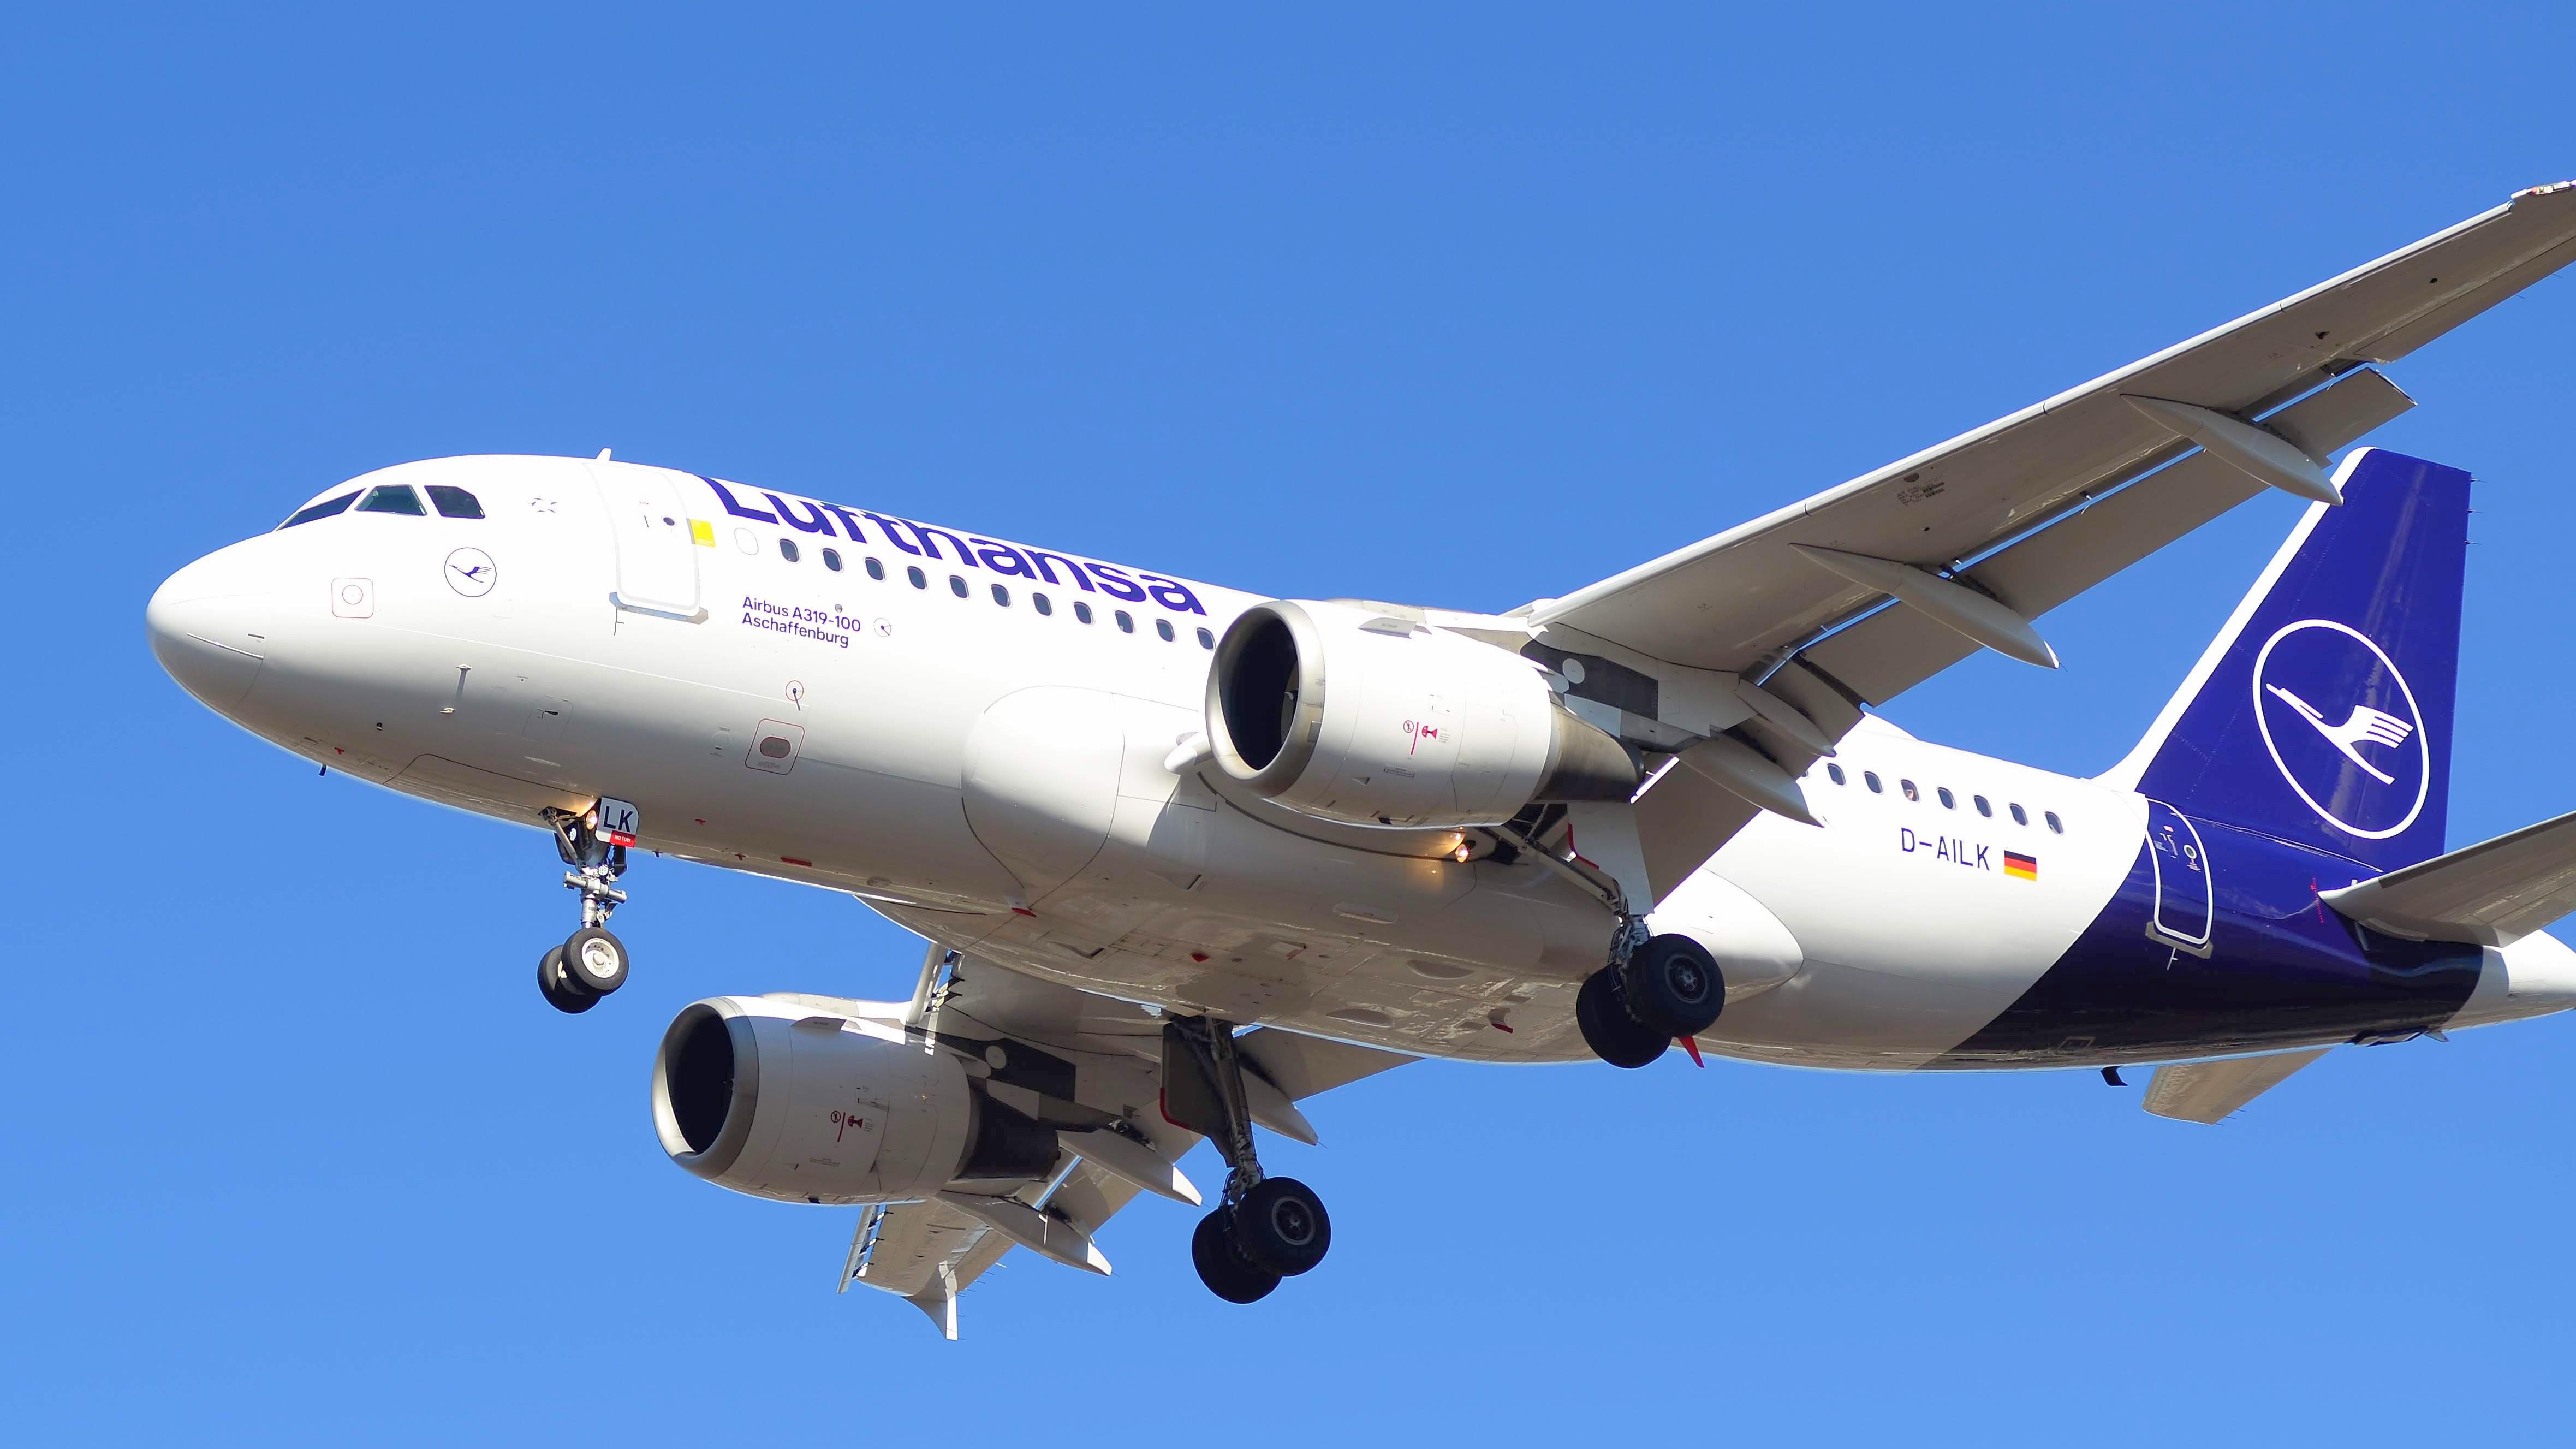 Lufthansa, D-AILK